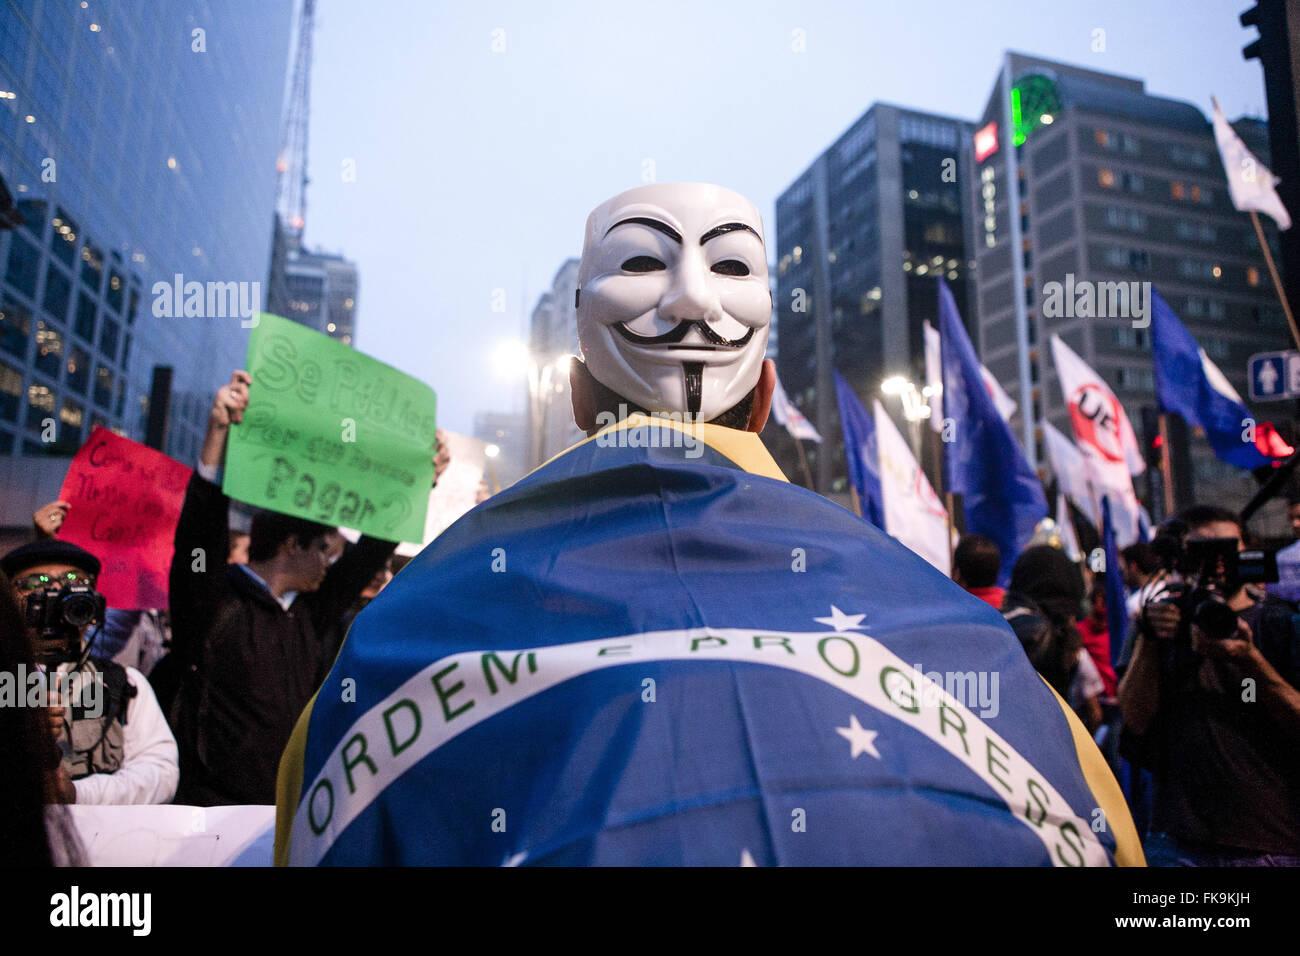 Une manifestation avec masques et anonyme drapeau du Brésil au cours de l'épidémie Photo Stock